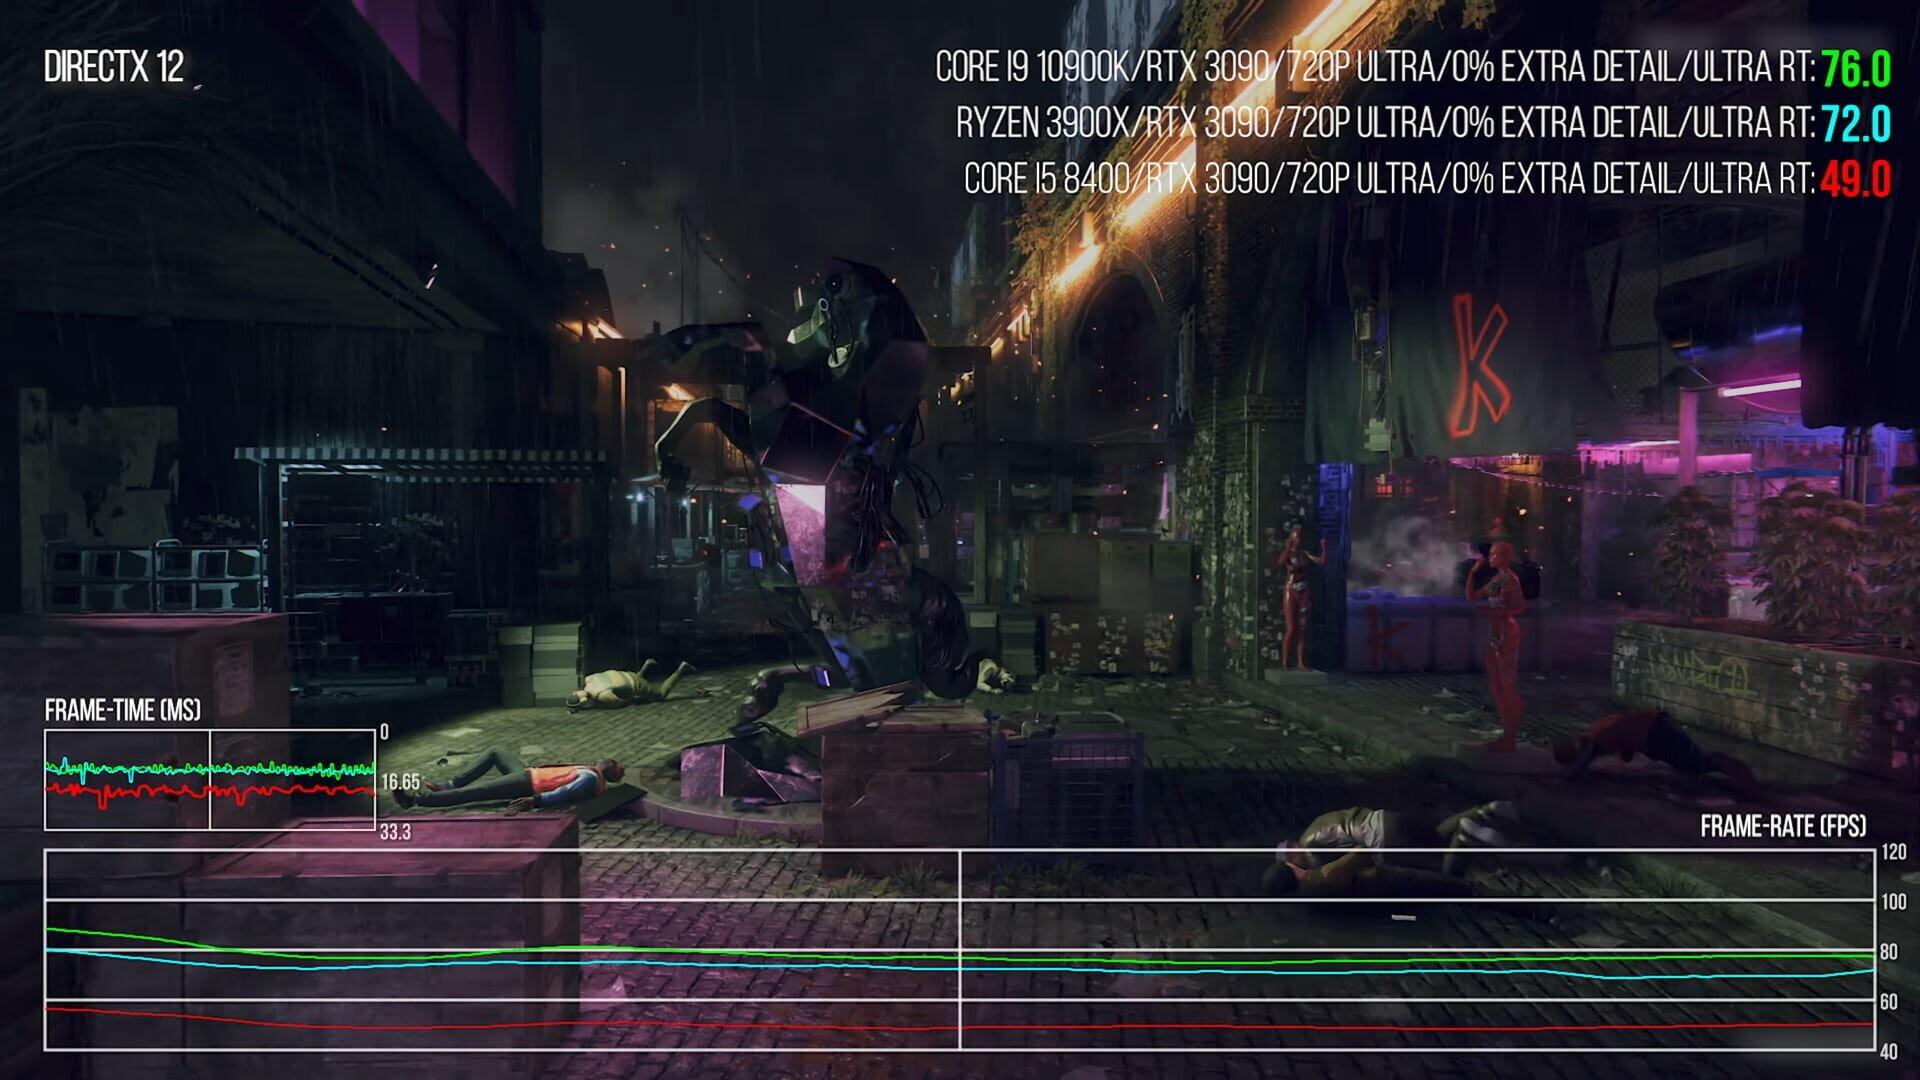 DF про Watch Dogs: Legion на PC: Одна из самых требовательных игр